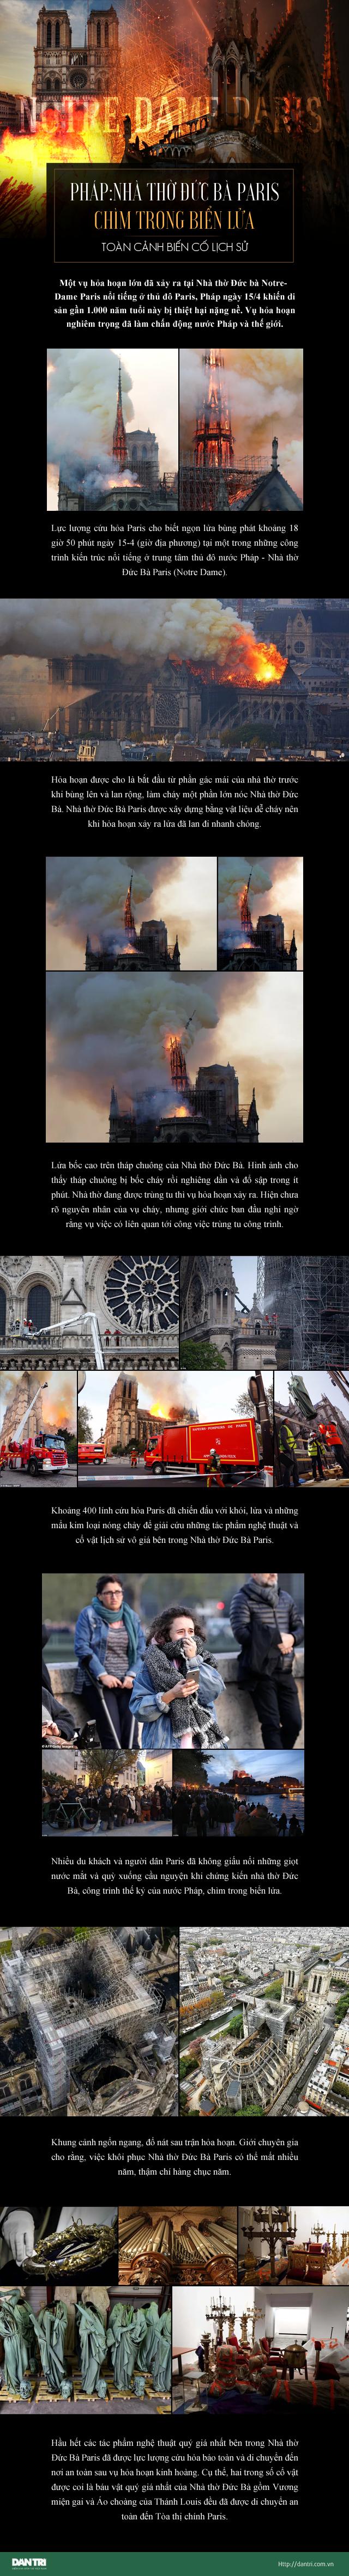 Nhà thờ Đức Bà Paris chìm trong biển lửa: Toàn cảnh biến cố lịch sử - 1